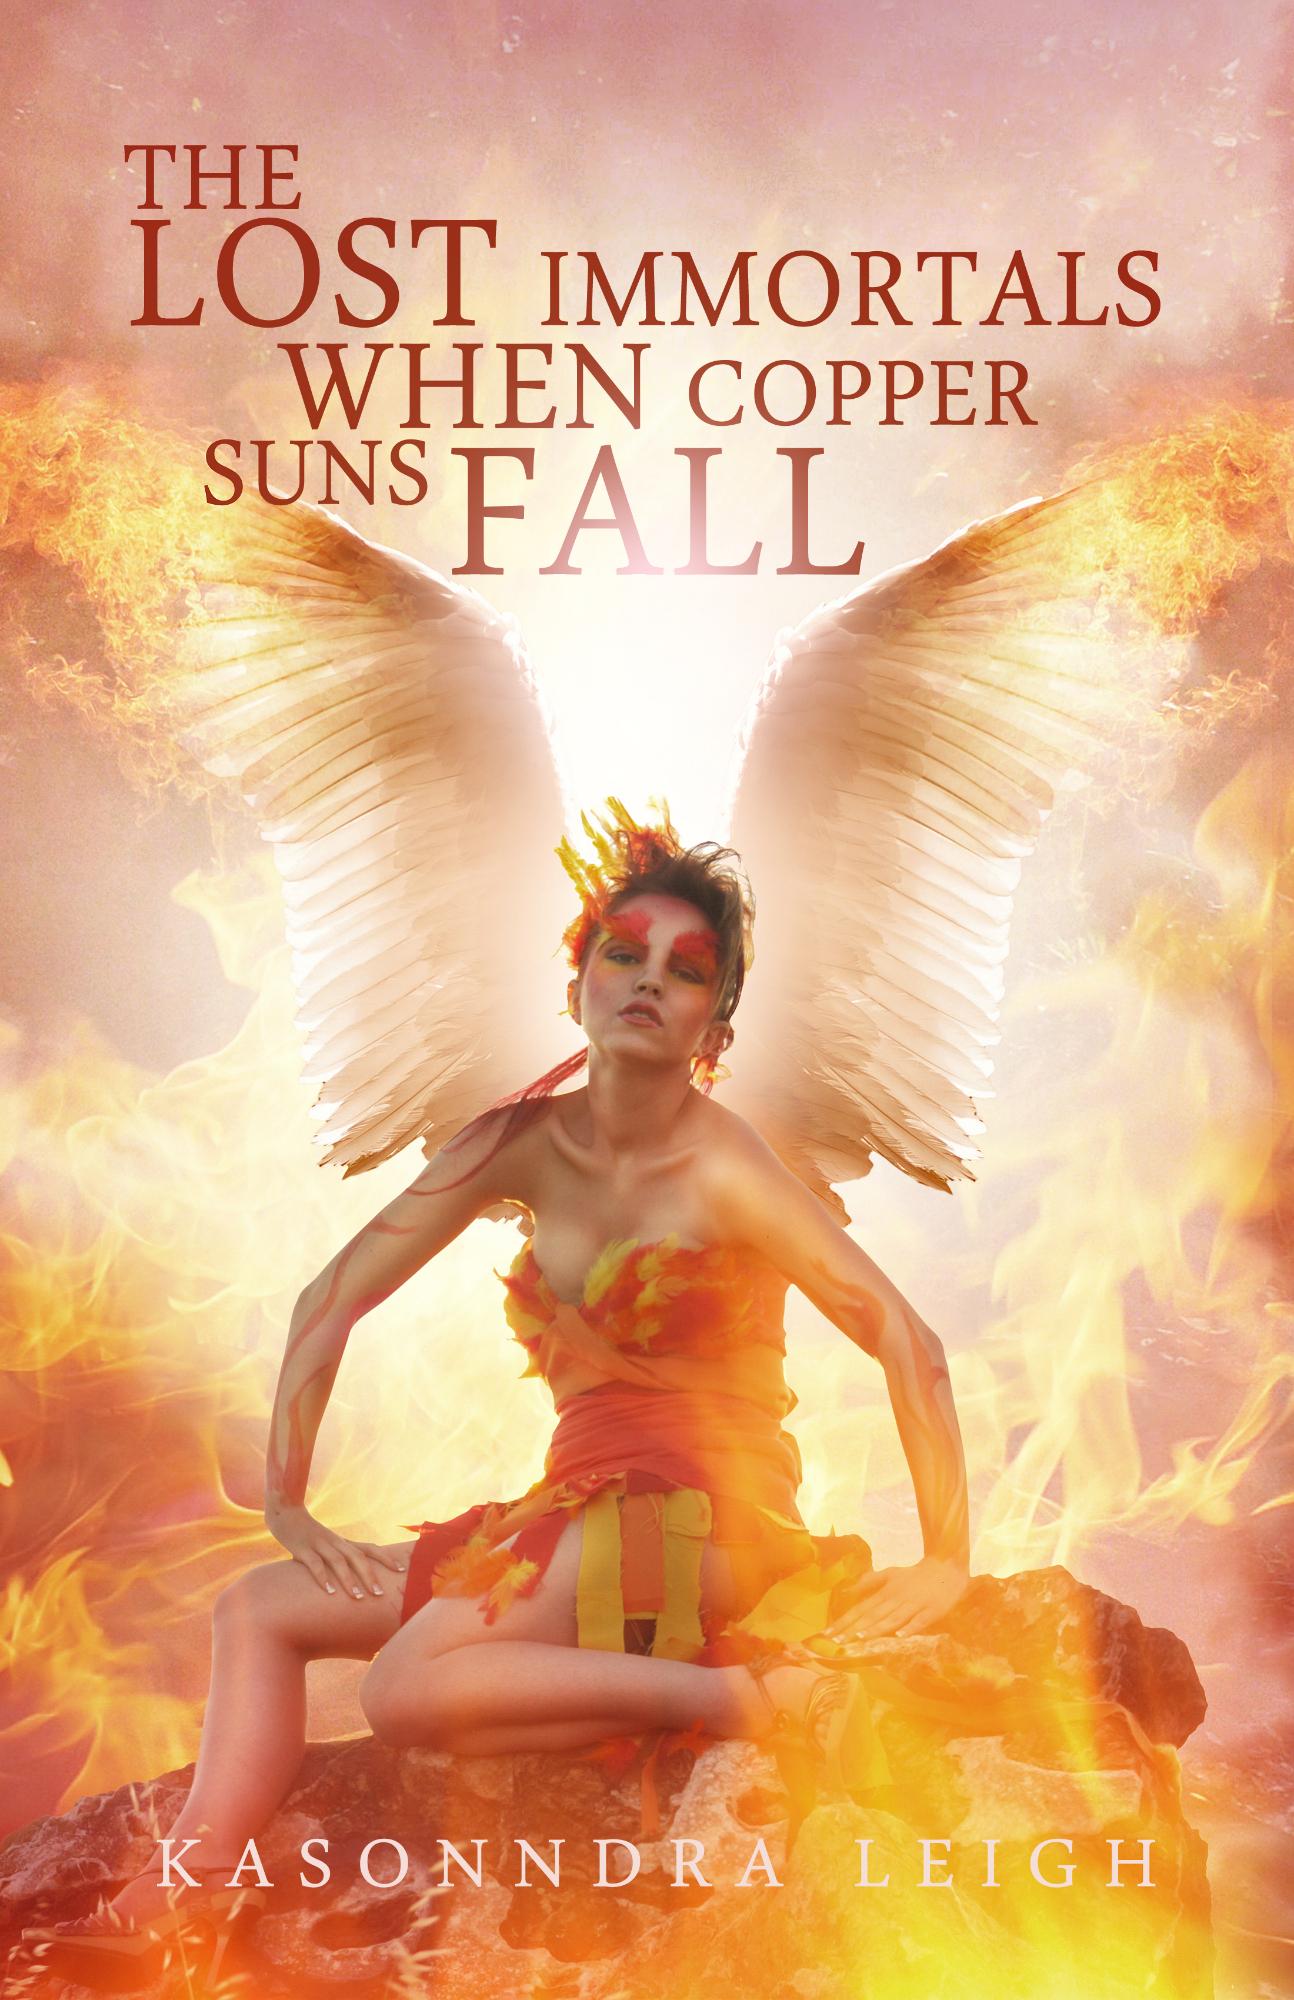 The Lost Immortals: When Copper Suns Fall